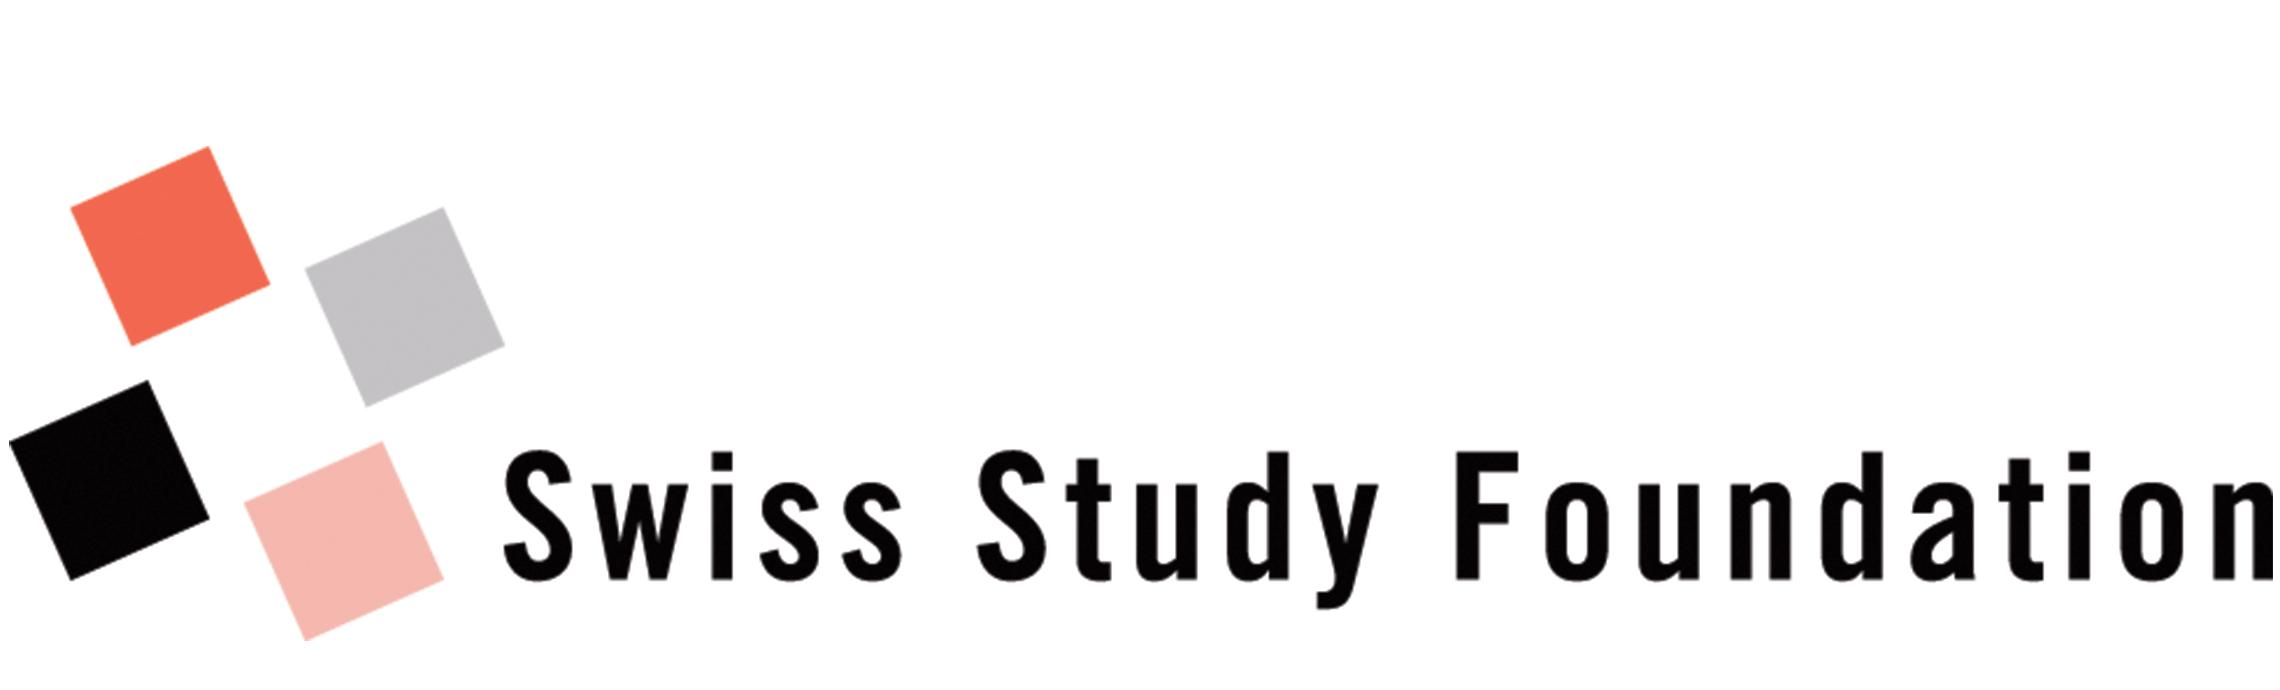 Swiss Study Foundation